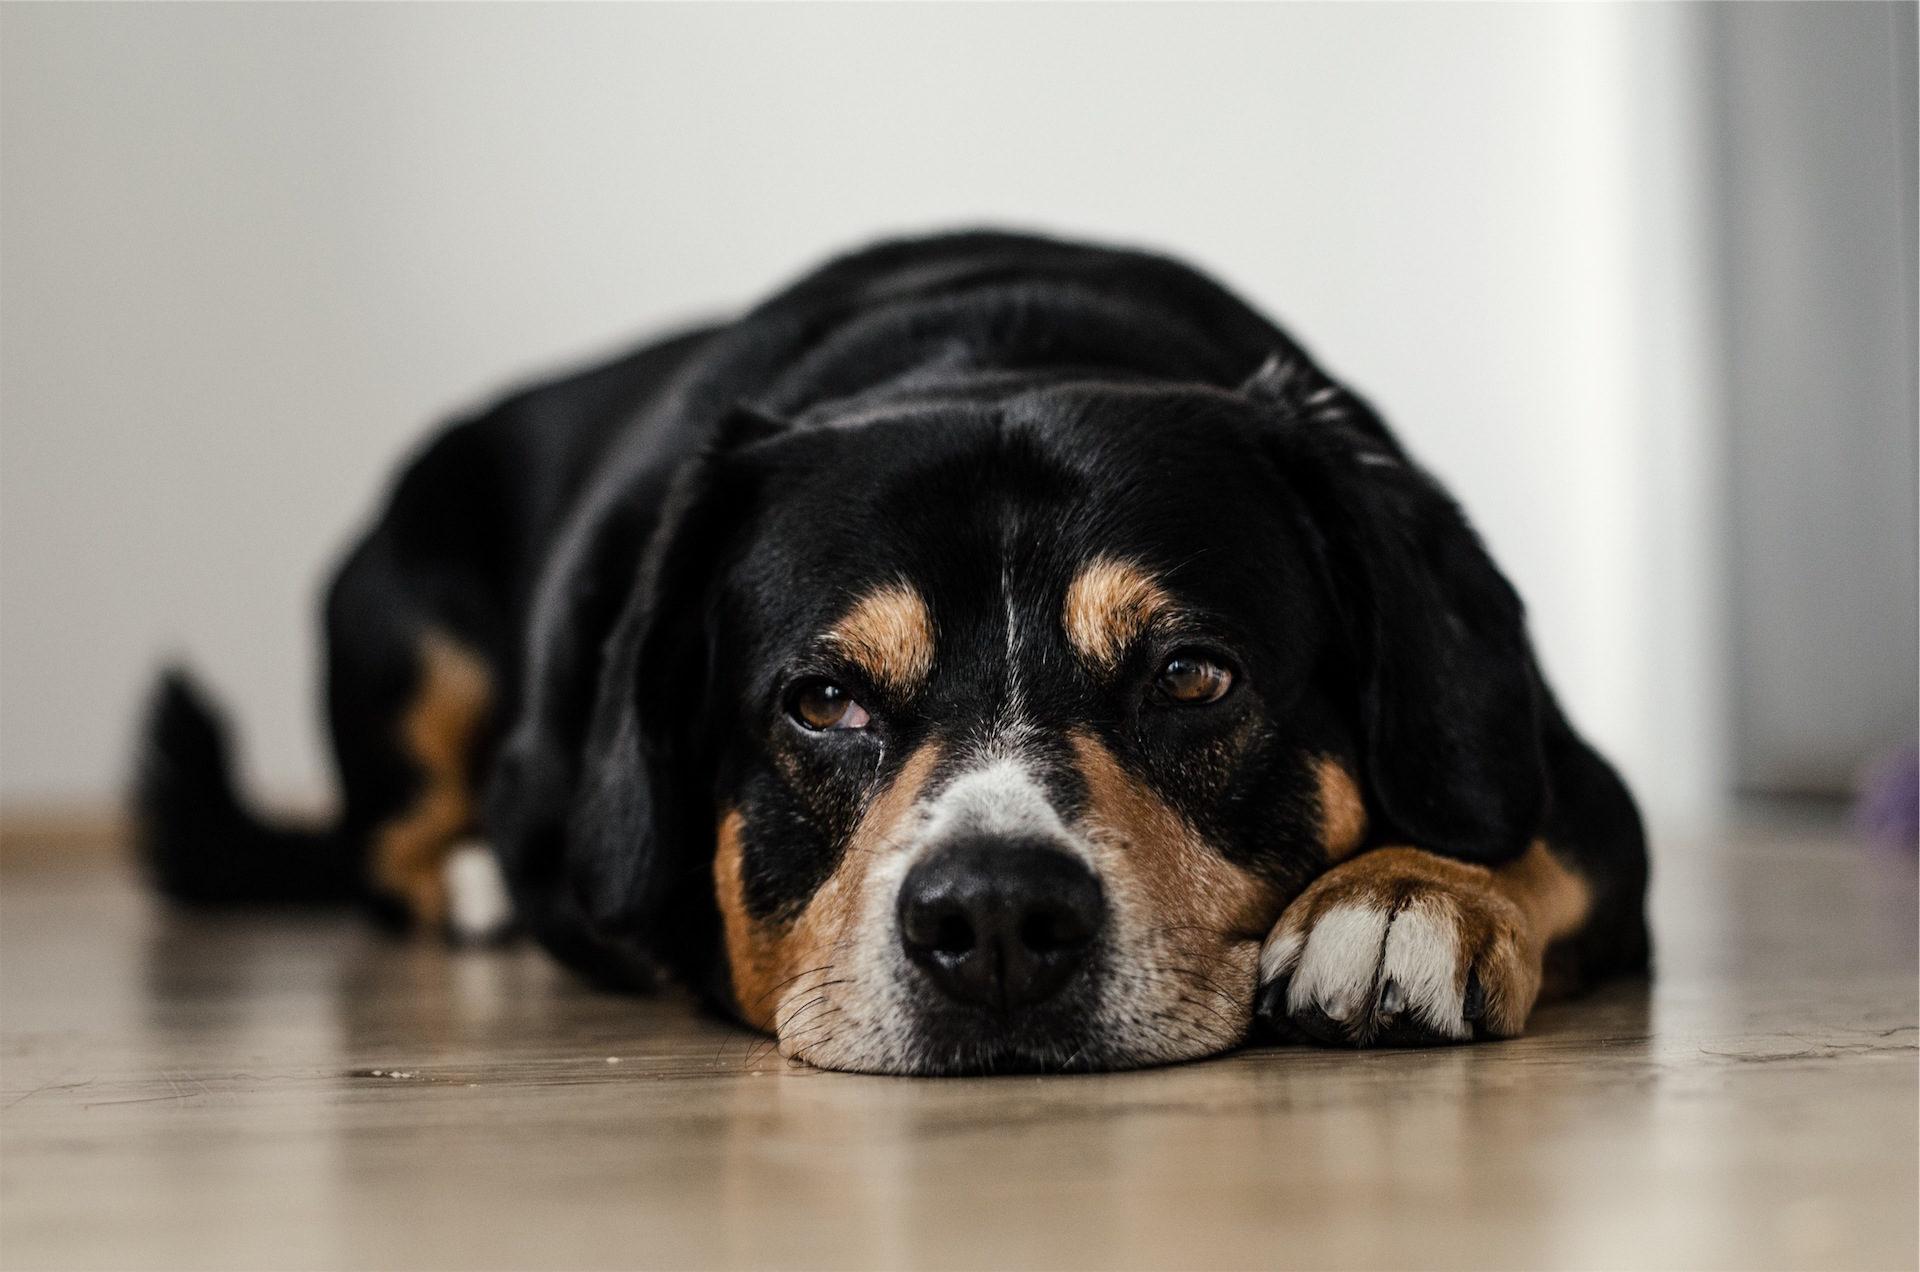 σκύλος, Κατοικίδιο ζώο, Χαλαρώστε, Κοίτα, ηρεμία - Wallpapers HD - Professor-falken.com